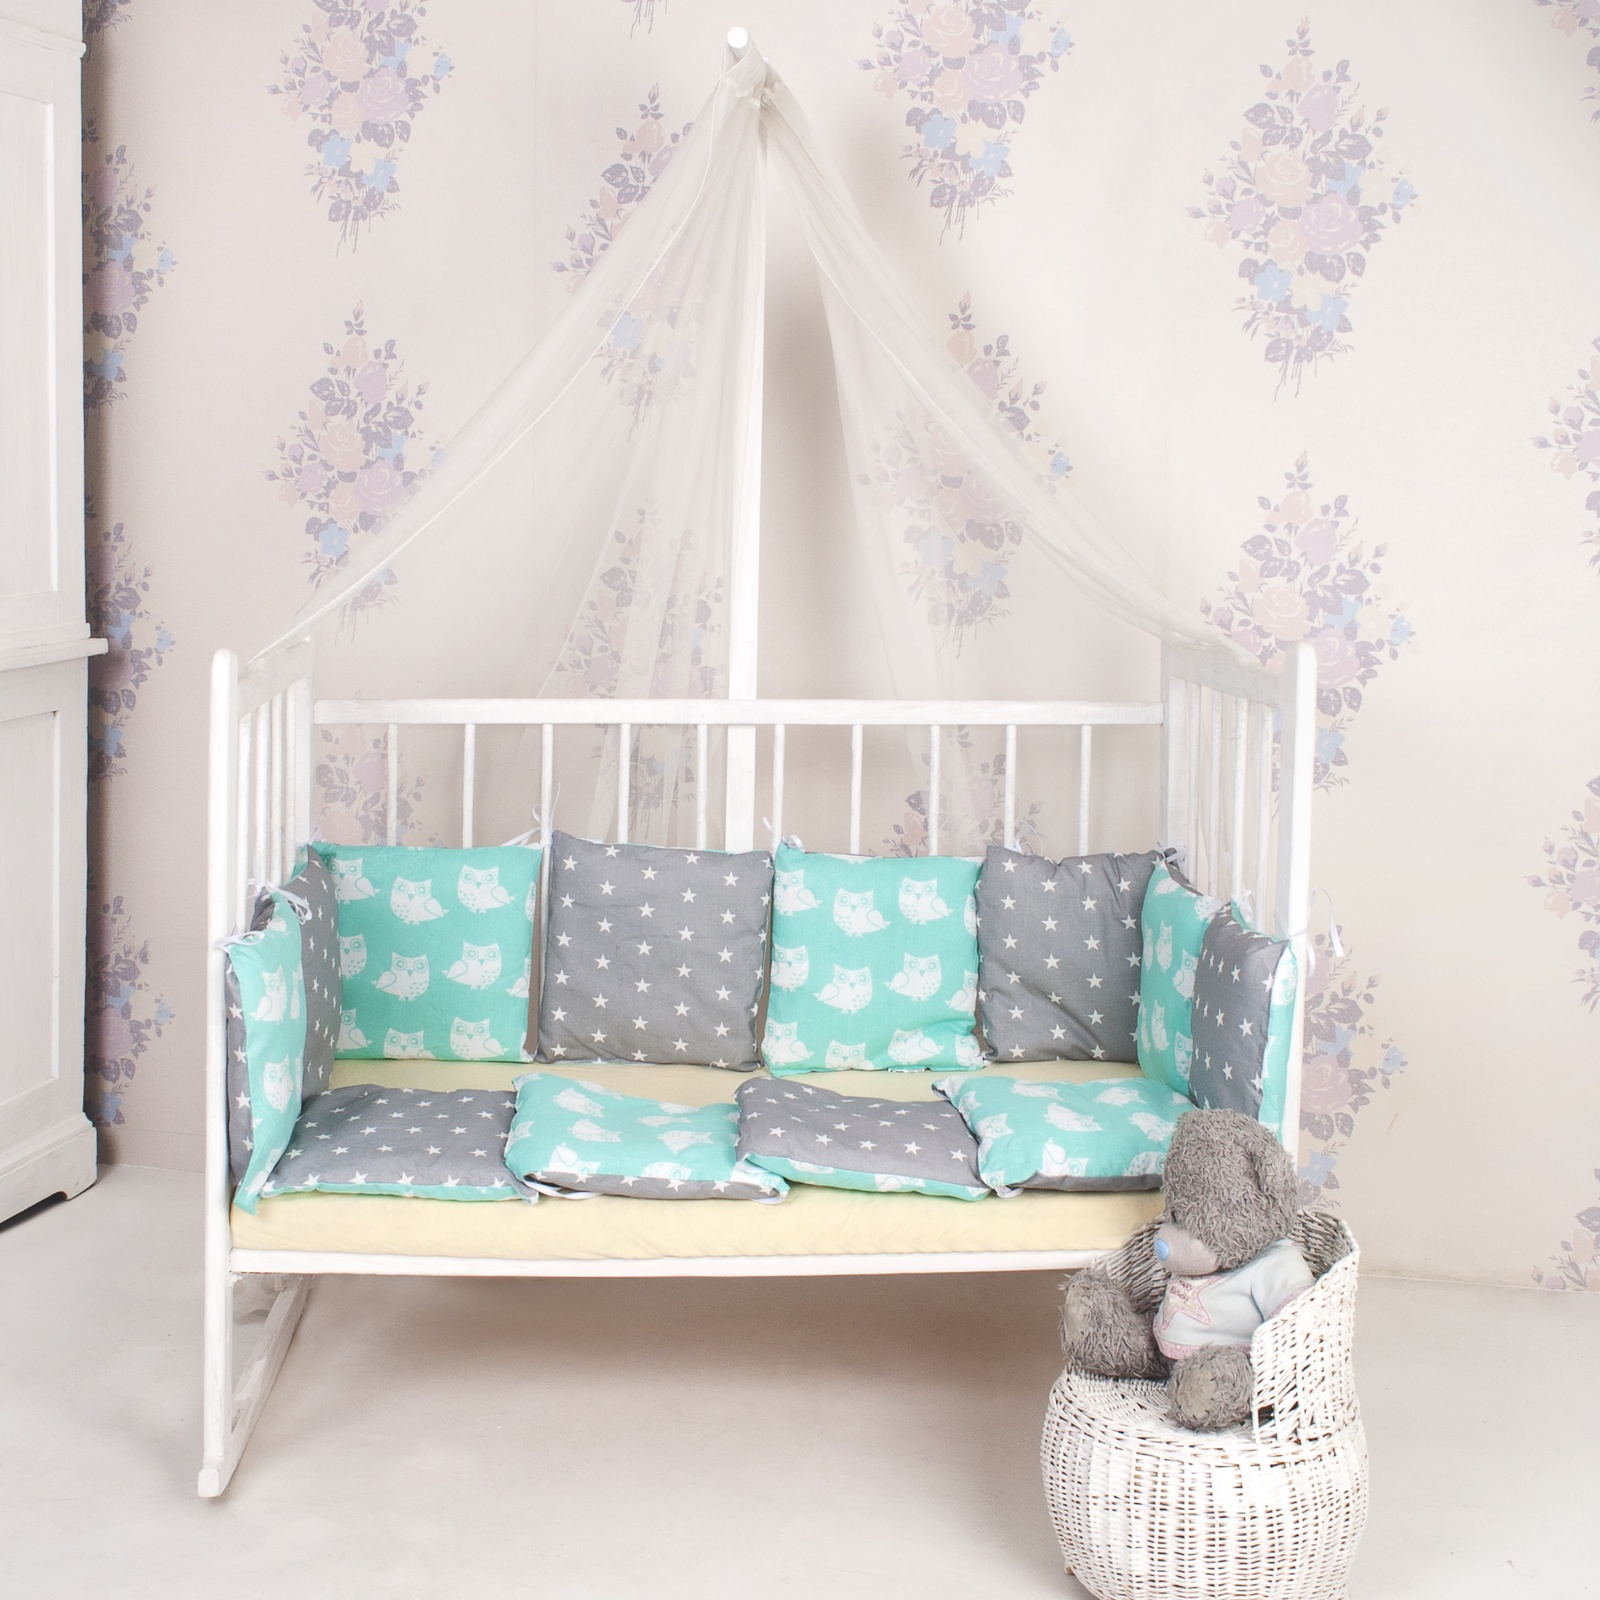 цена на Комплект в кроватку ТК Традиция бортики в кроватку бязь, серый, светло-зеленый